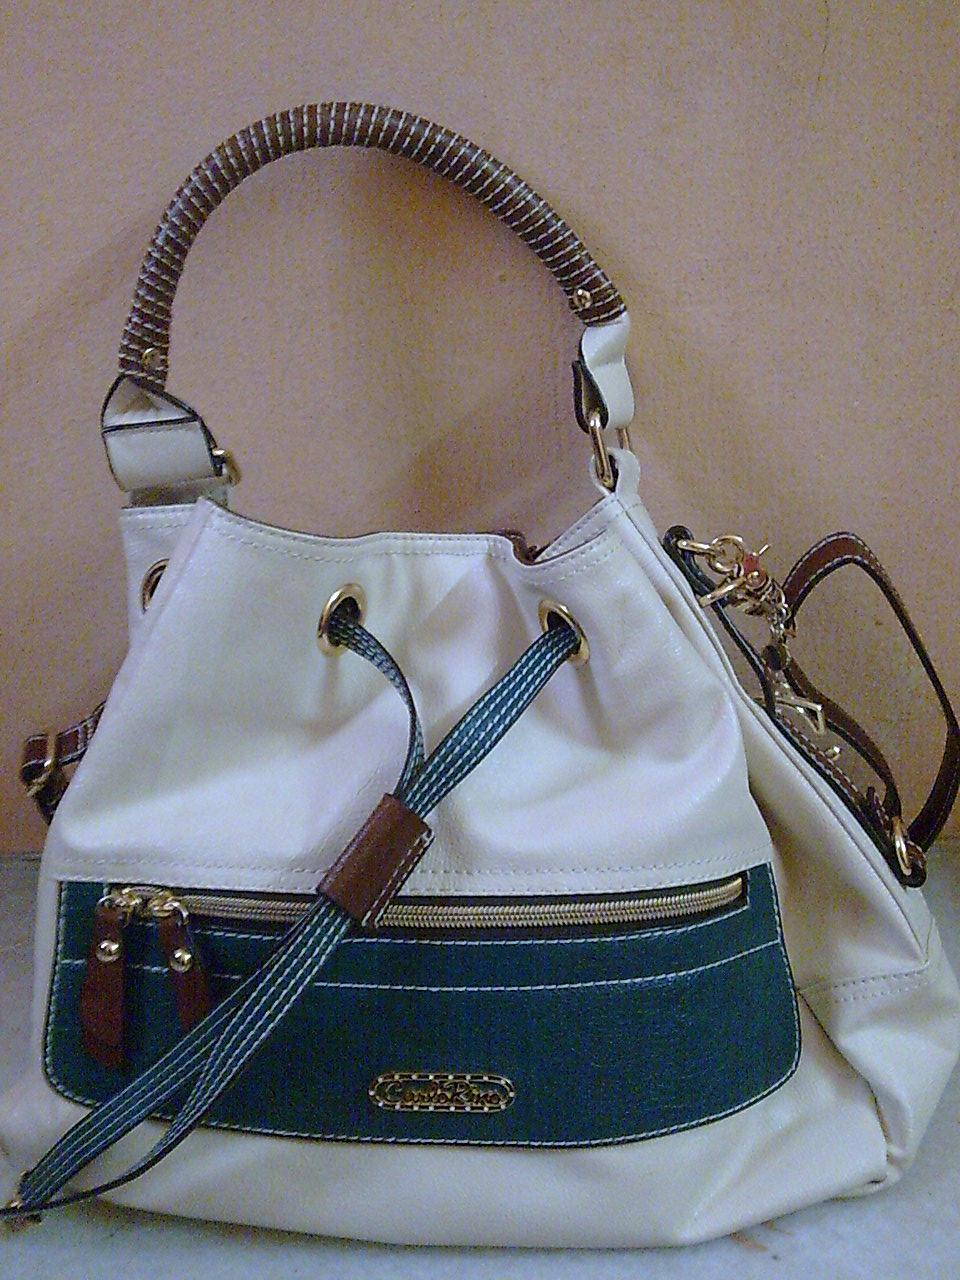 d5a8a5f423e9 GreatestBargain  Preloved Carlo Rino handbag